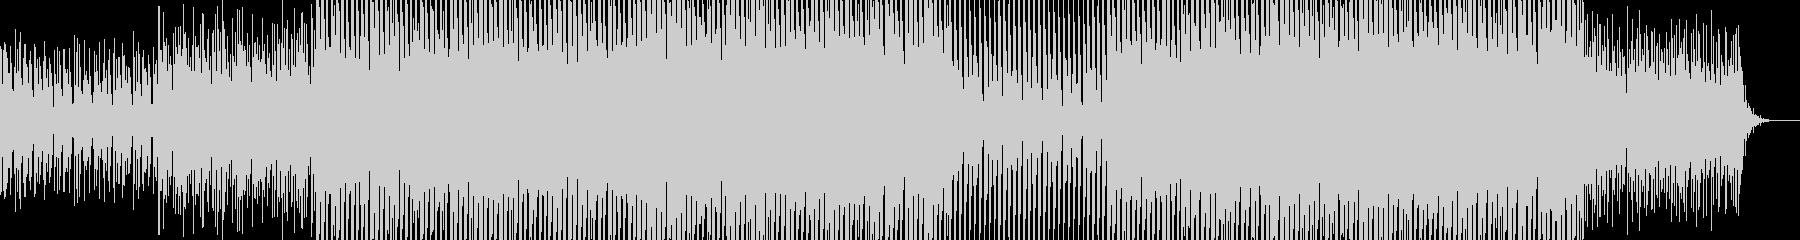 EDMクラブ系ダンスミュージック-30の未再生の波形